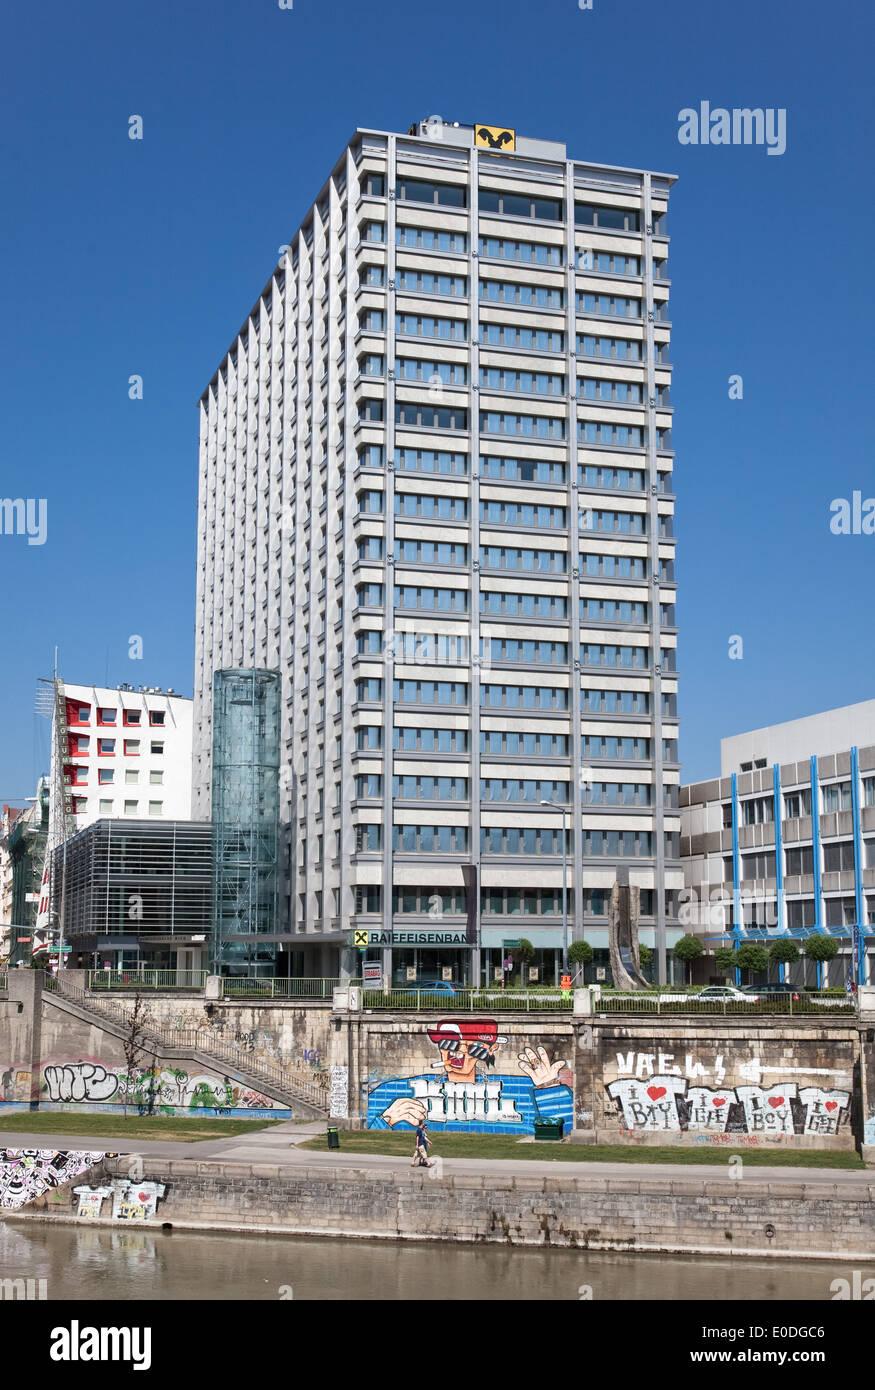 Raiffeisen Gebäude, Wien, Österreich - Raiffeisen Building, Vienna, Austria - Stock Image